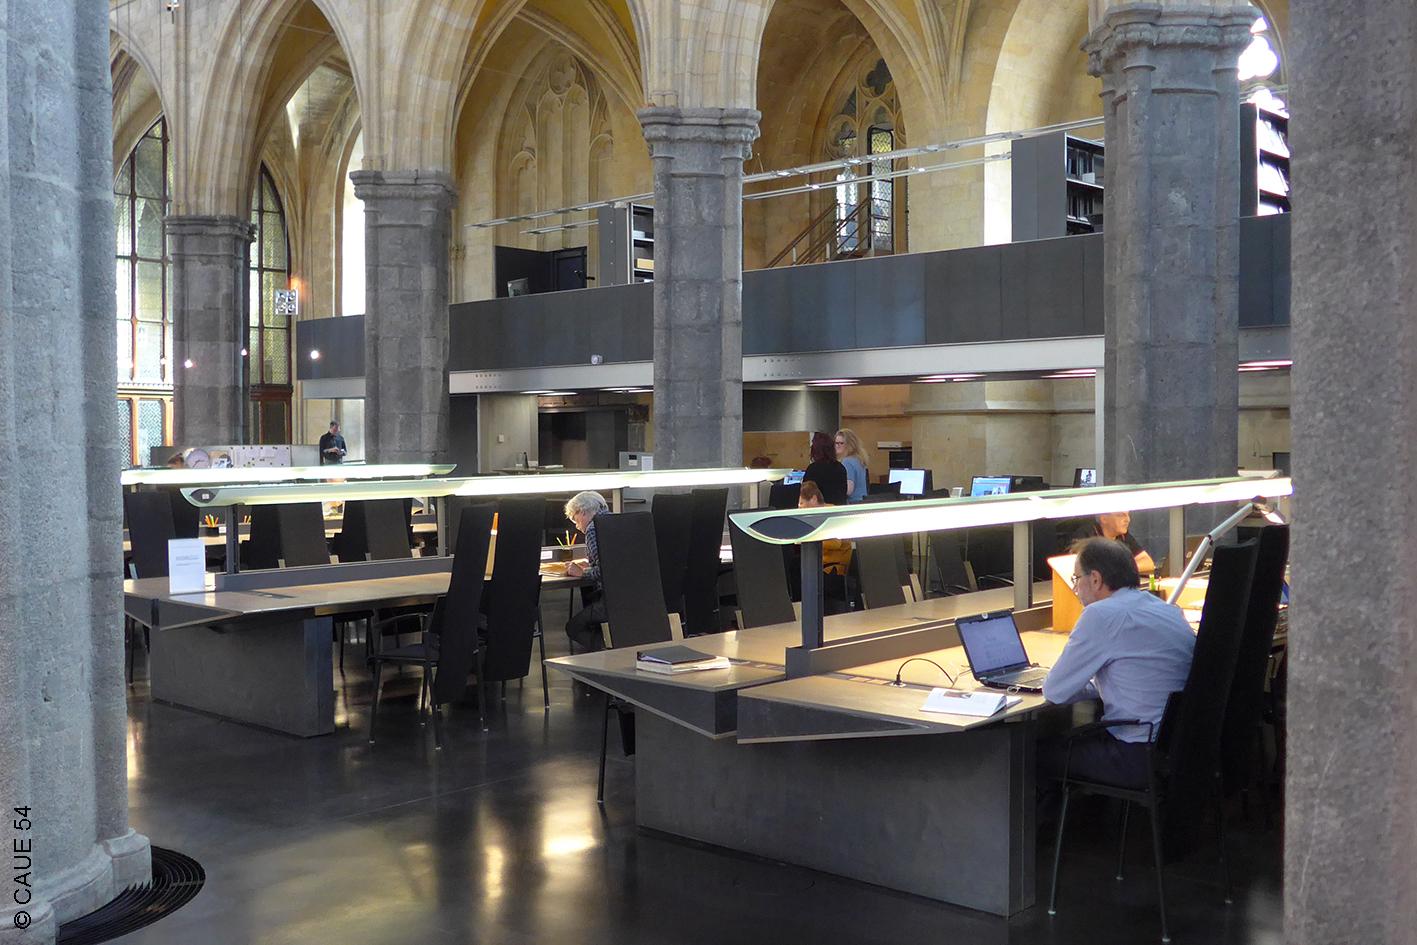 Centre régional des archives historique - Maastricht - Pays-Bas